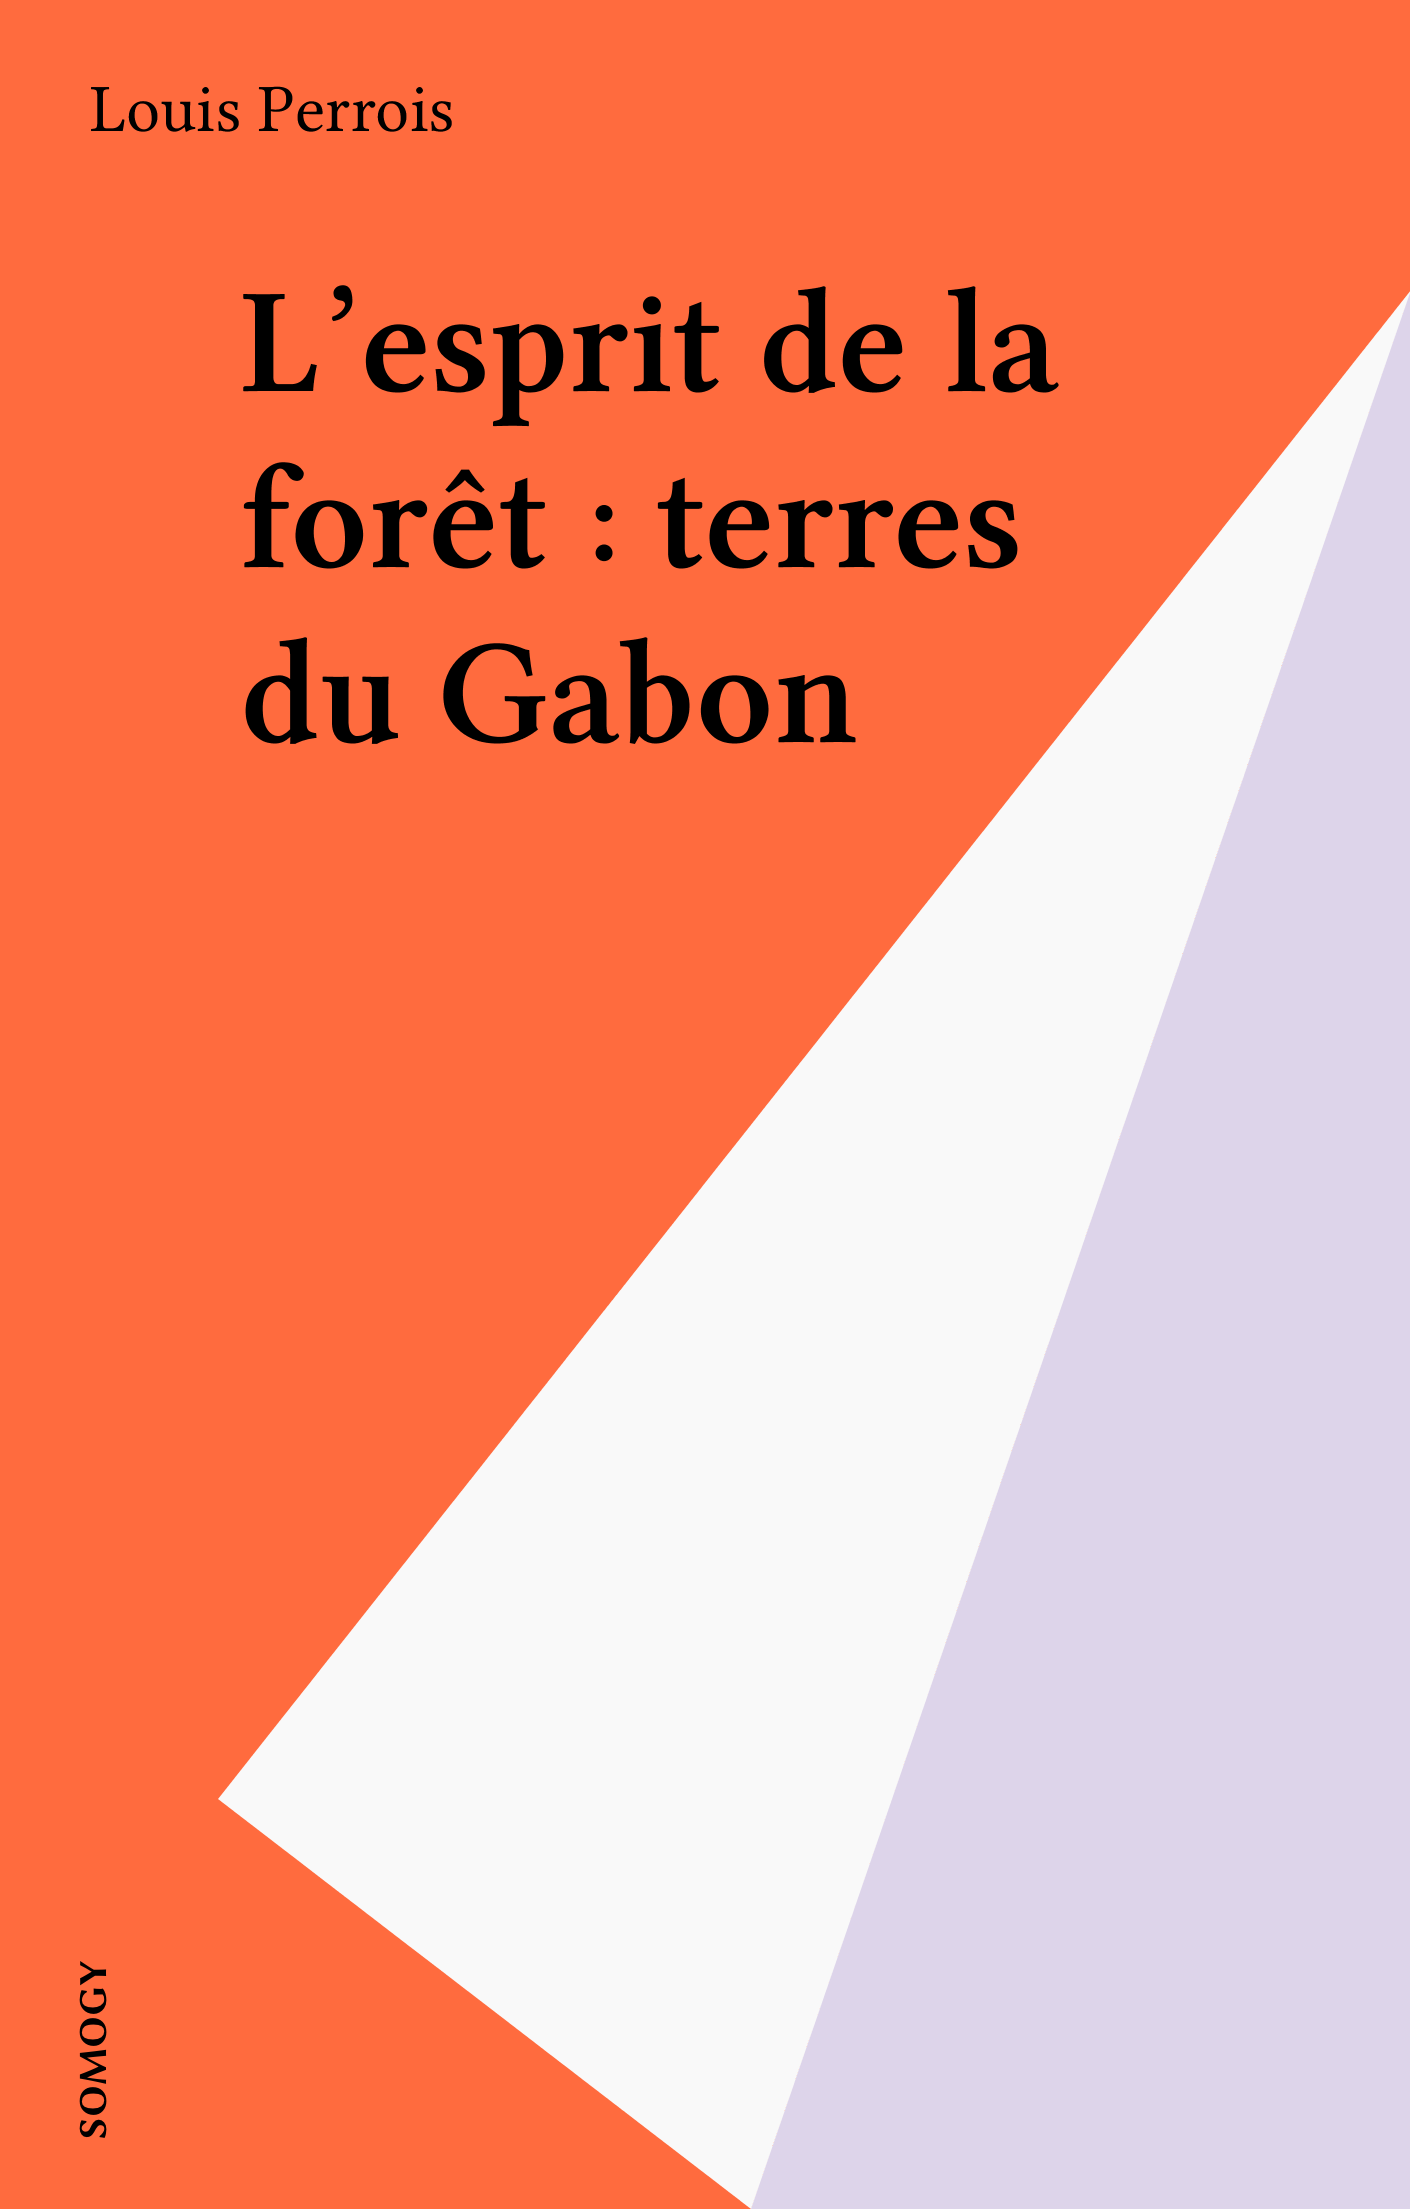 L'esprit de la forêt : terres du Gabon